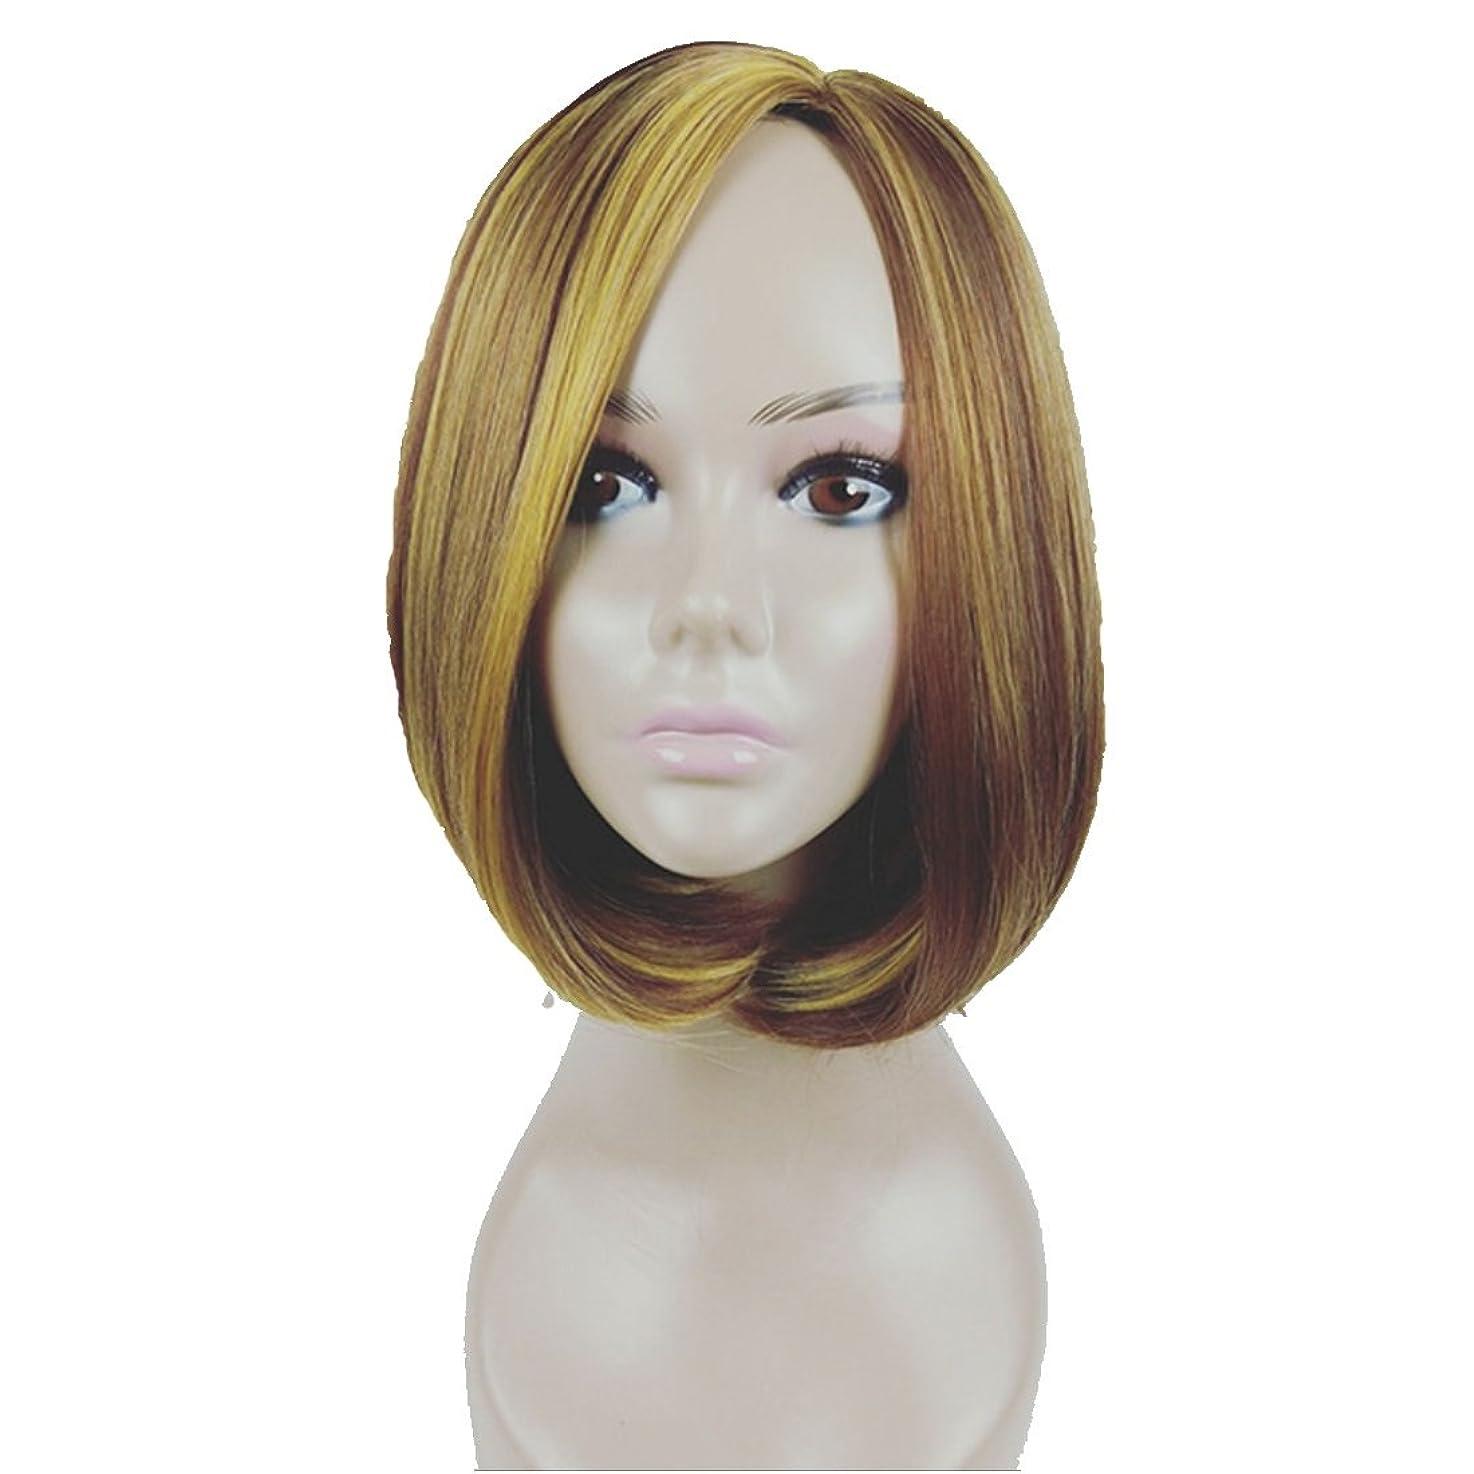 と署名バイオリンJIANFU 女性のための短いストレートウィッグスプリットバンズウィッグと人間の髪ボブの頭の中で自然な長いウェーブのかつらを見てパーティーのウィッグ (Color : Black gold)